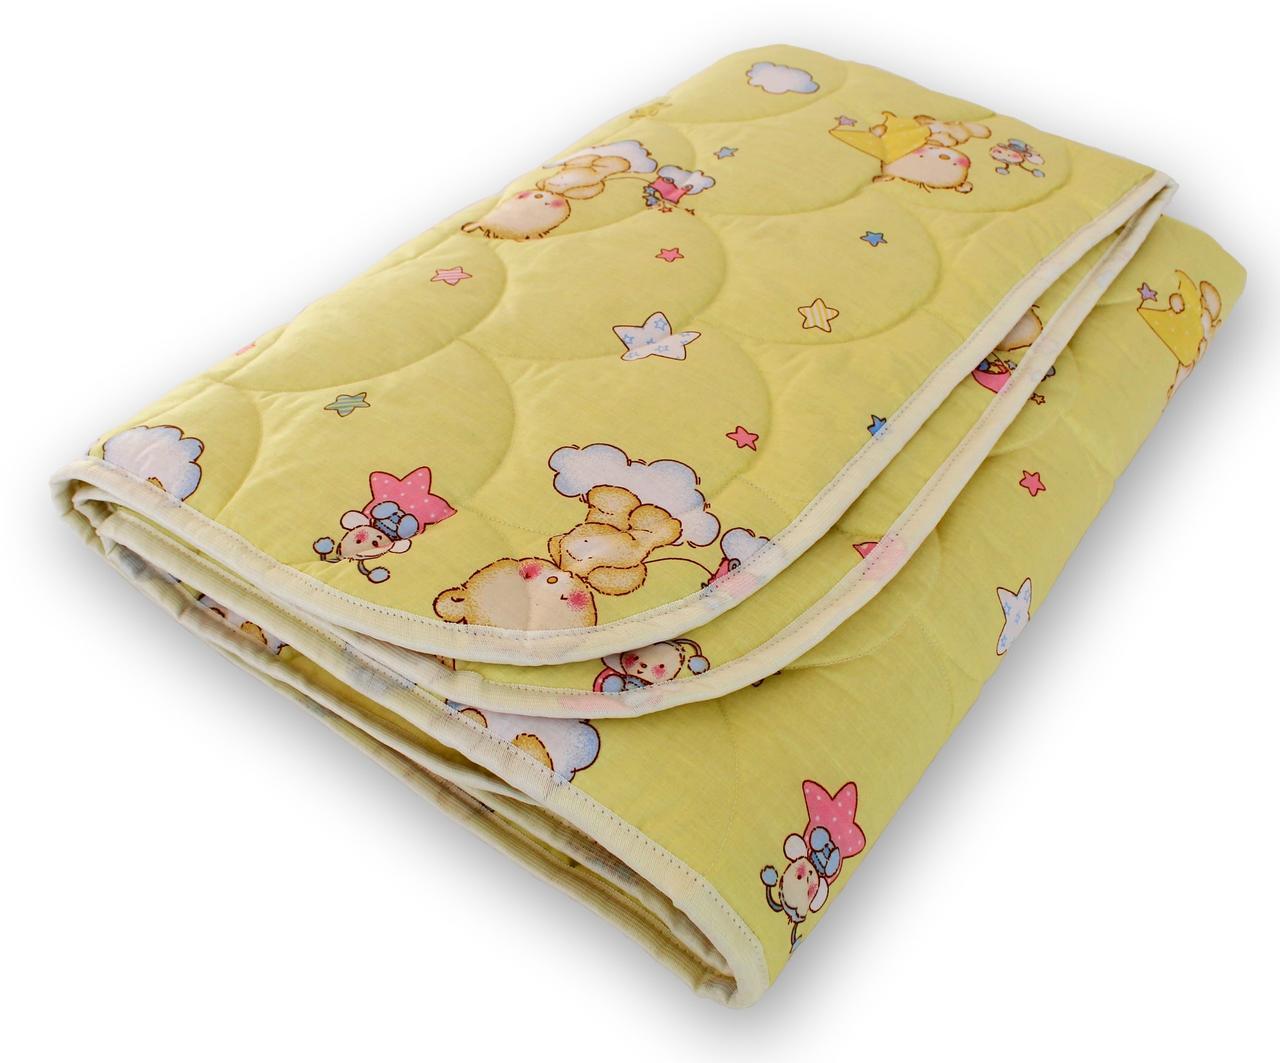 Одеяло полуторное Евро QSLEEP 4 сезона 155*215 см детский пастельный